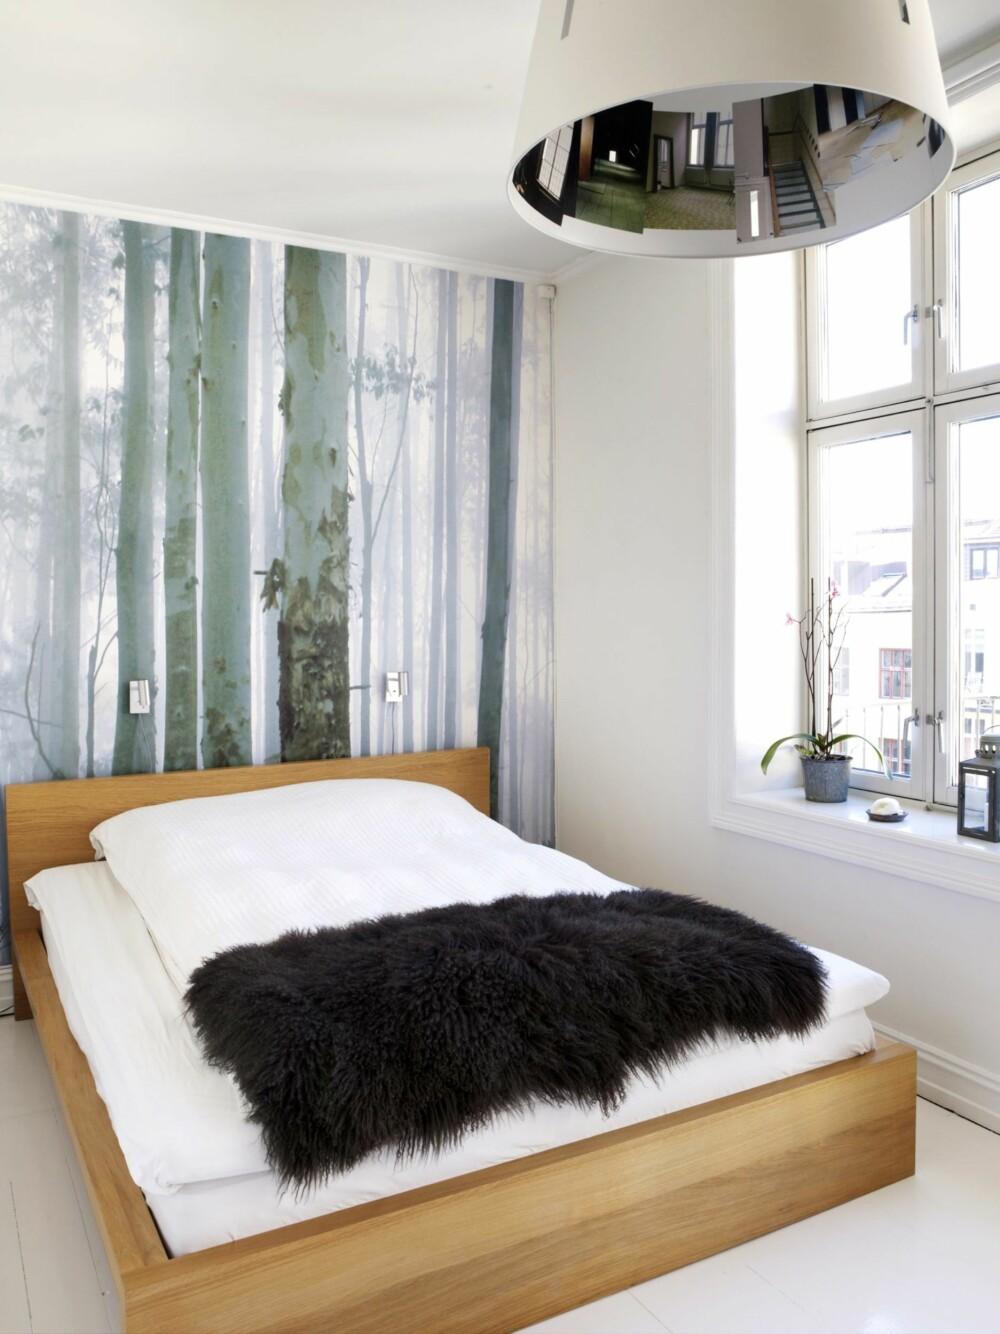 TAPET: En stilig fototapet kan fungere flott som dekorasjon på veggen bak sengen. Det bryter opp det hvite rommet og skaper et dekorativt blikkfang.